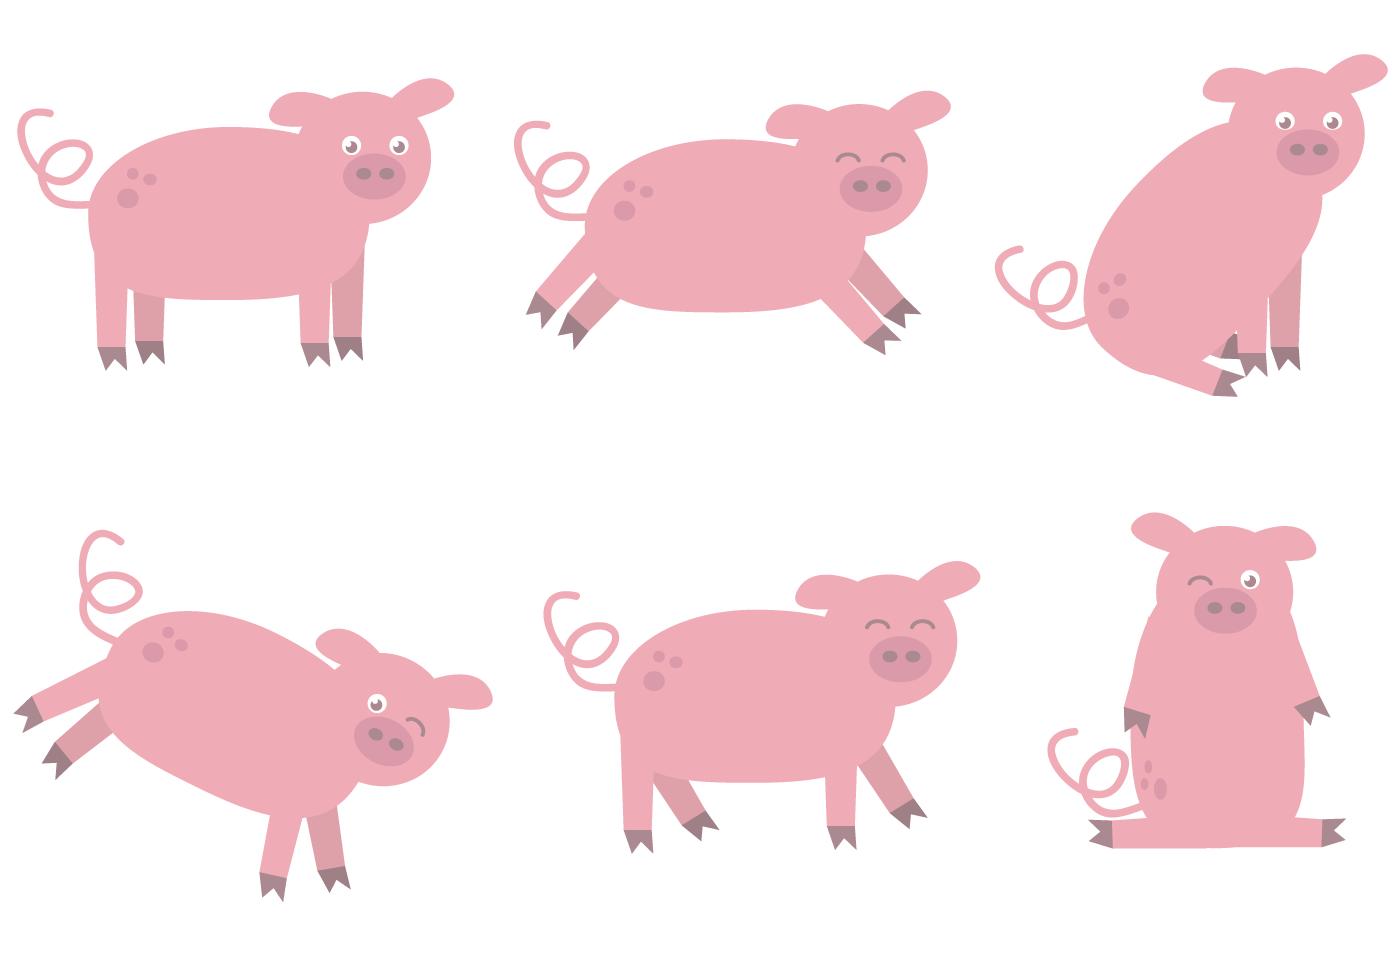 Niedlich Free Pig Malvorlagen Ideen - Malvorlagen Von Tieren - ngadi ...